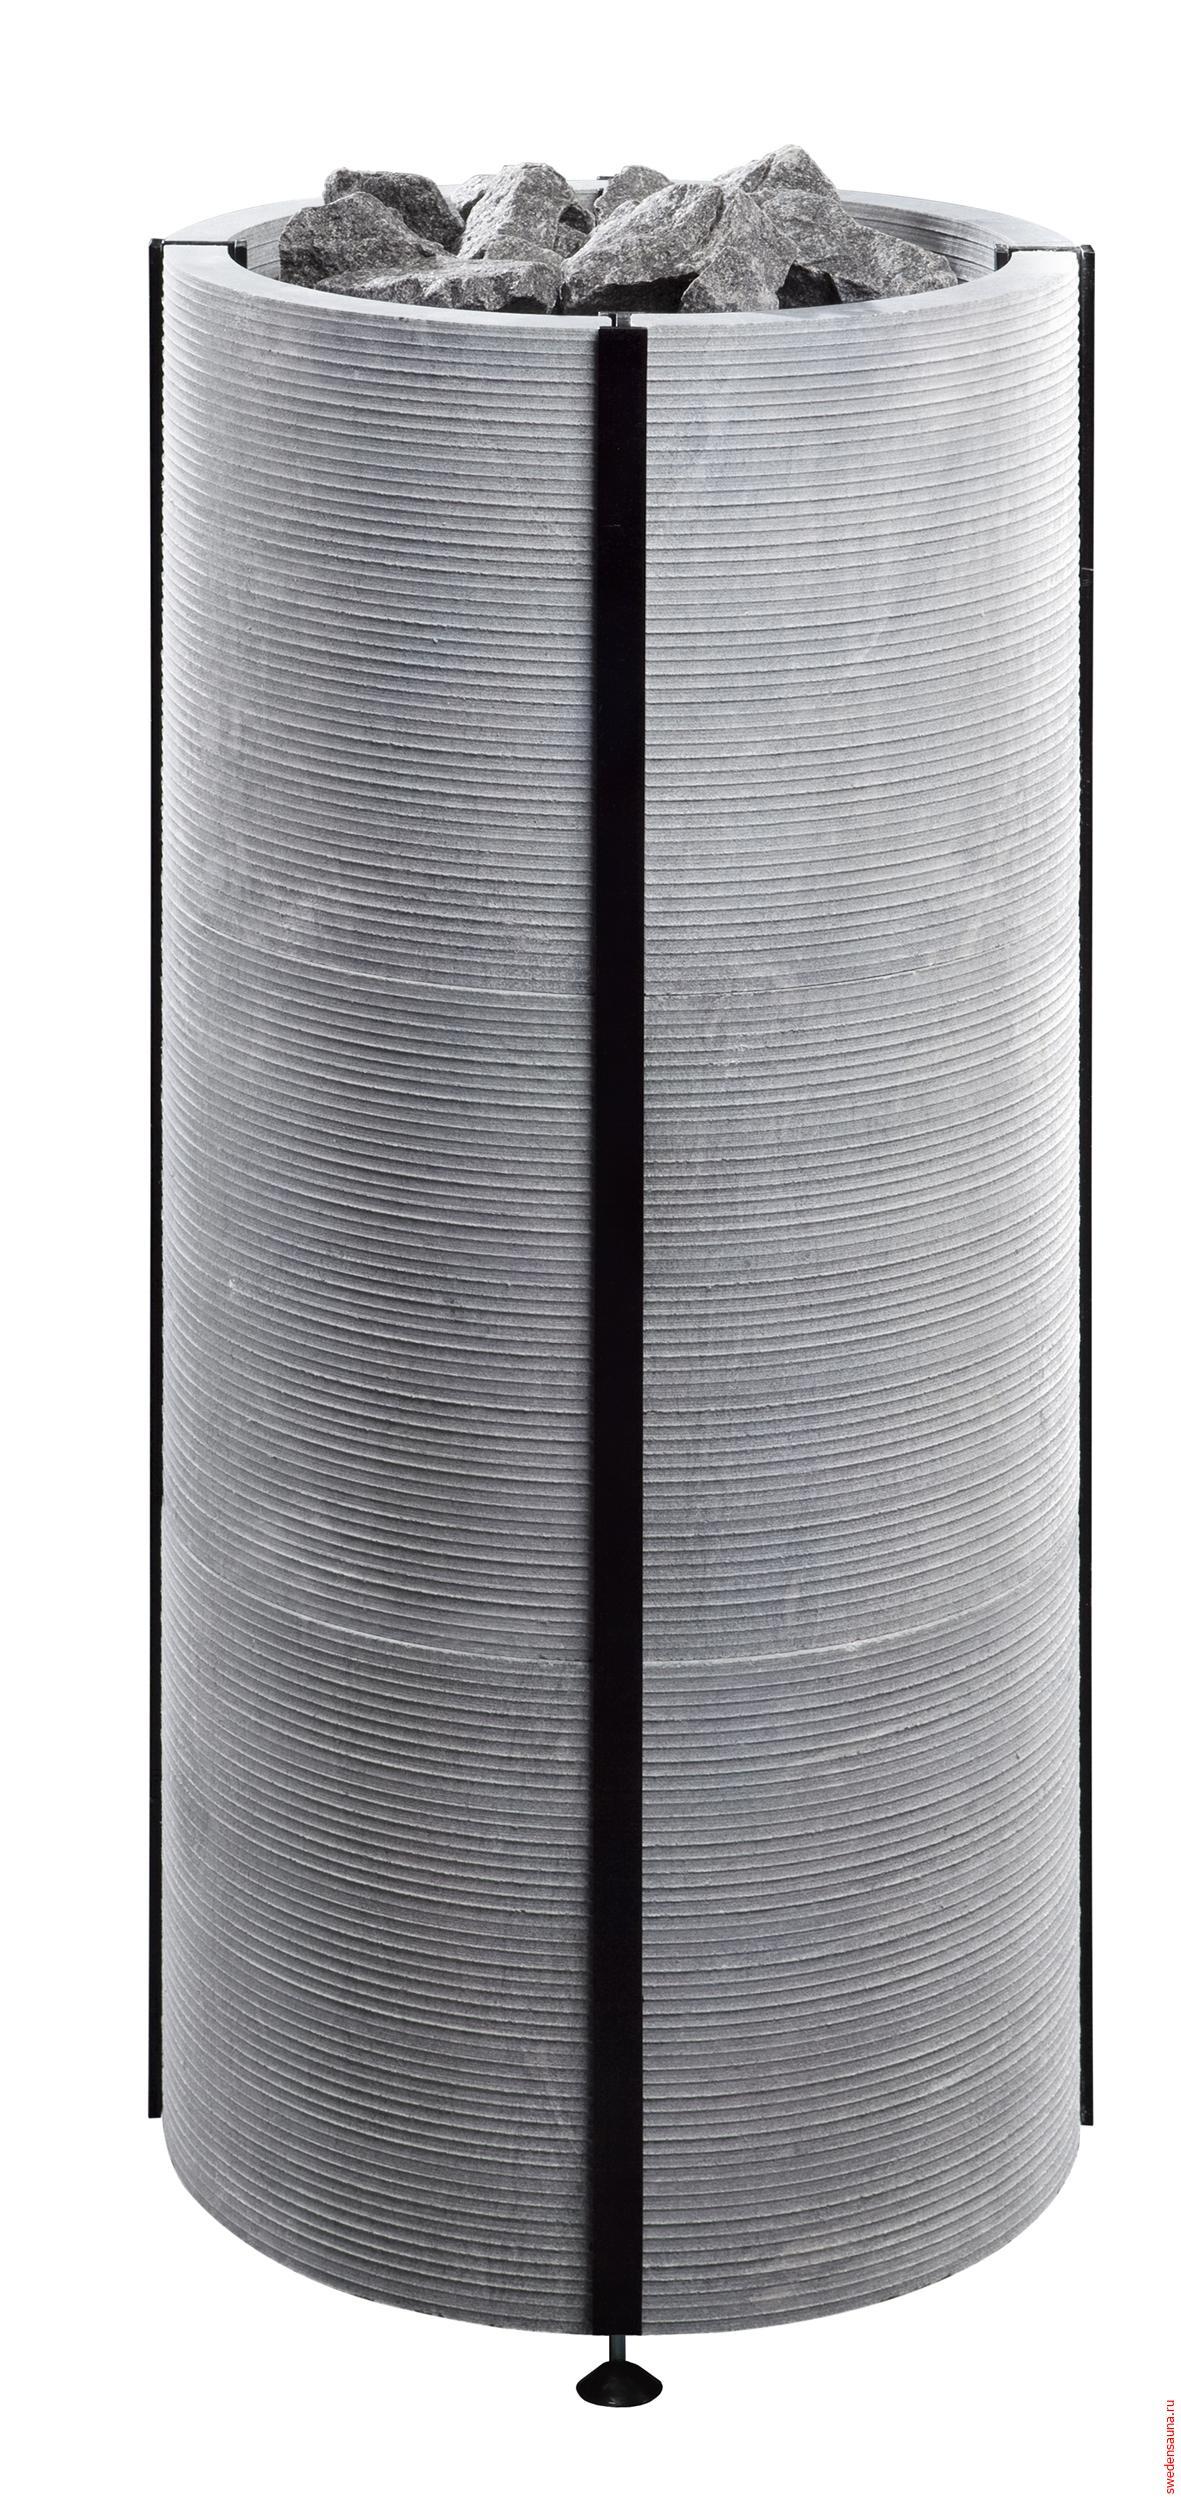 Печь для сауны Tulikivi Naava 6,8кВт  - фото, описание, отзывы.